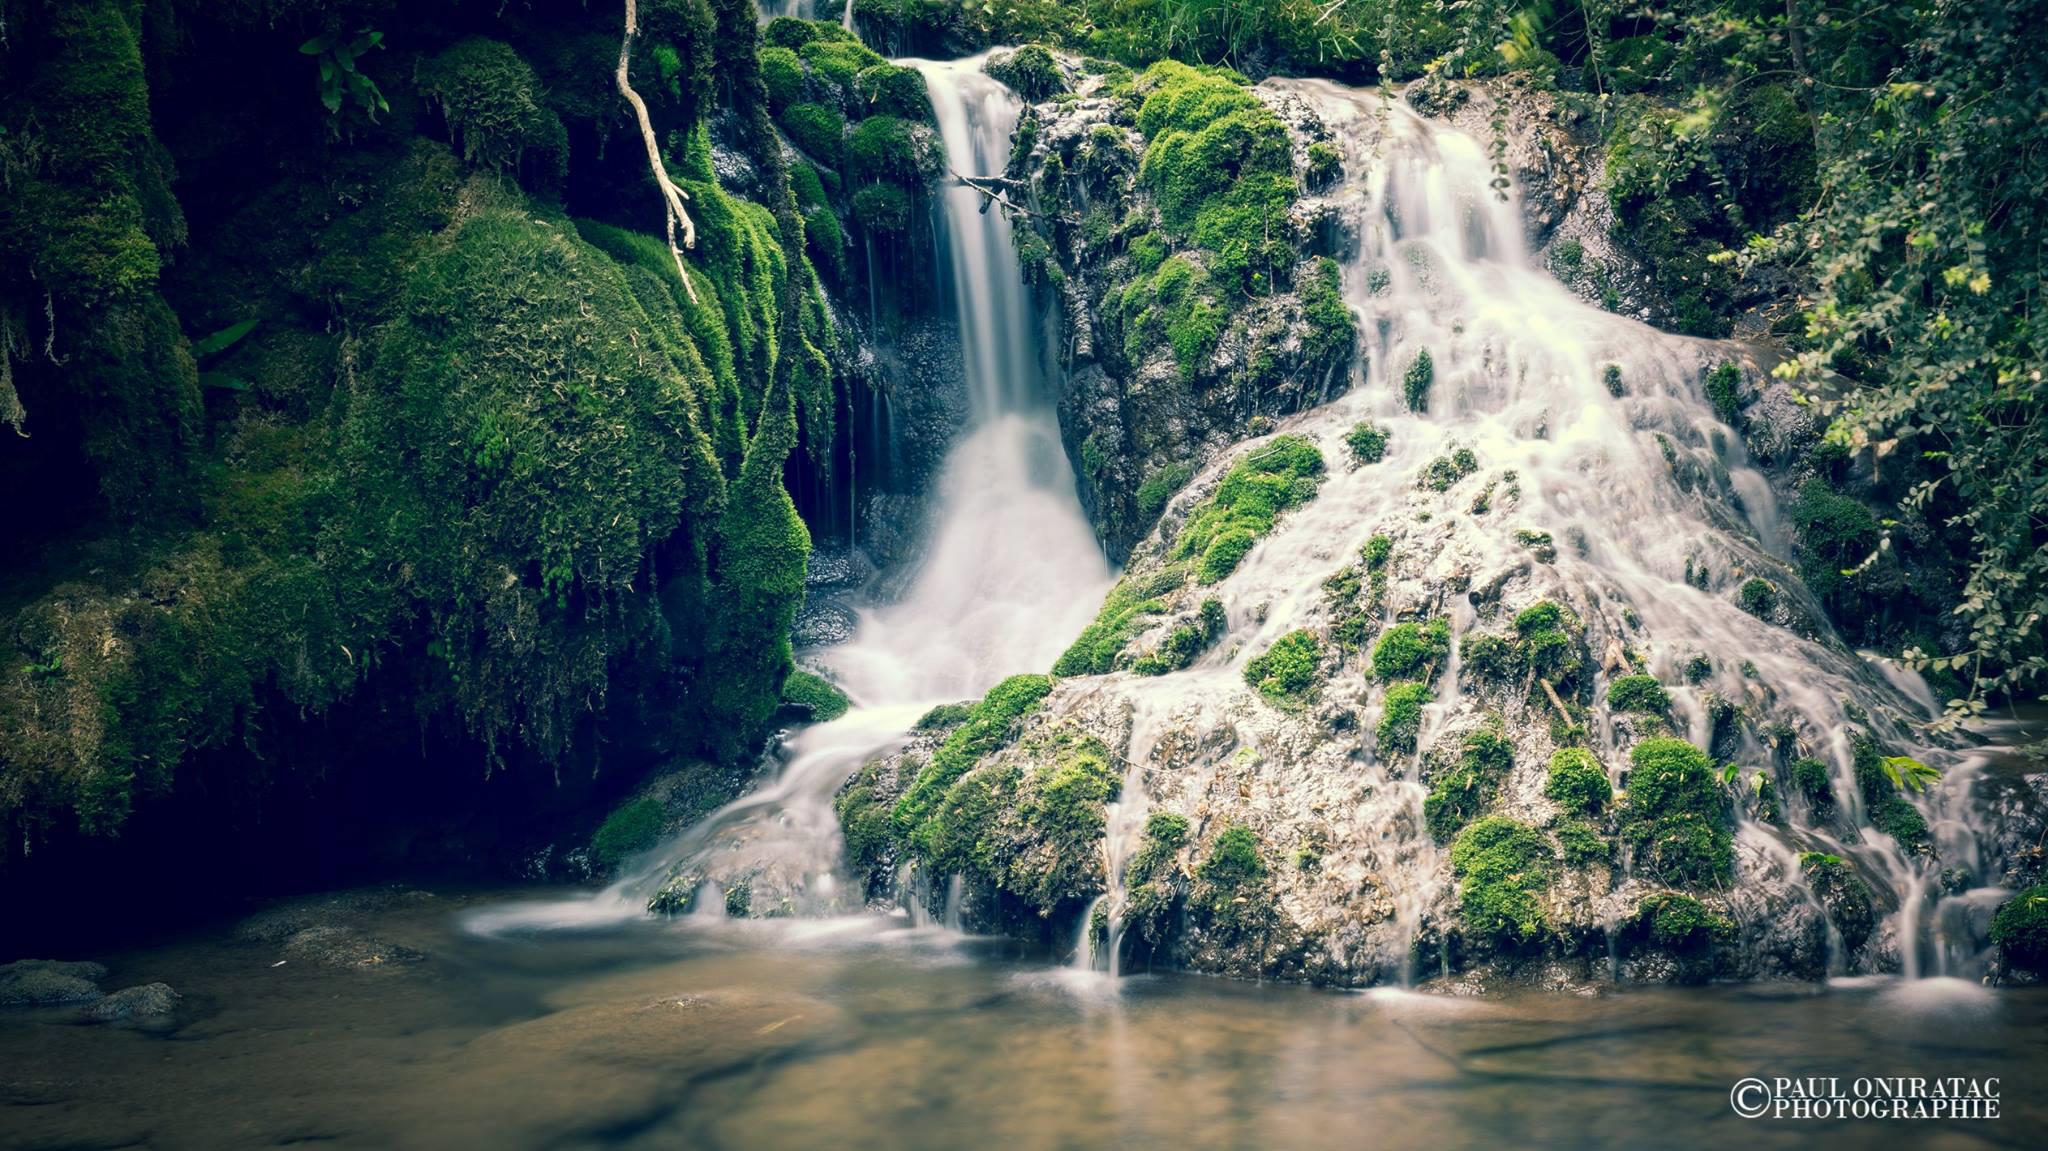 Cascade de Creissels, Aveyron © P. Oniratac